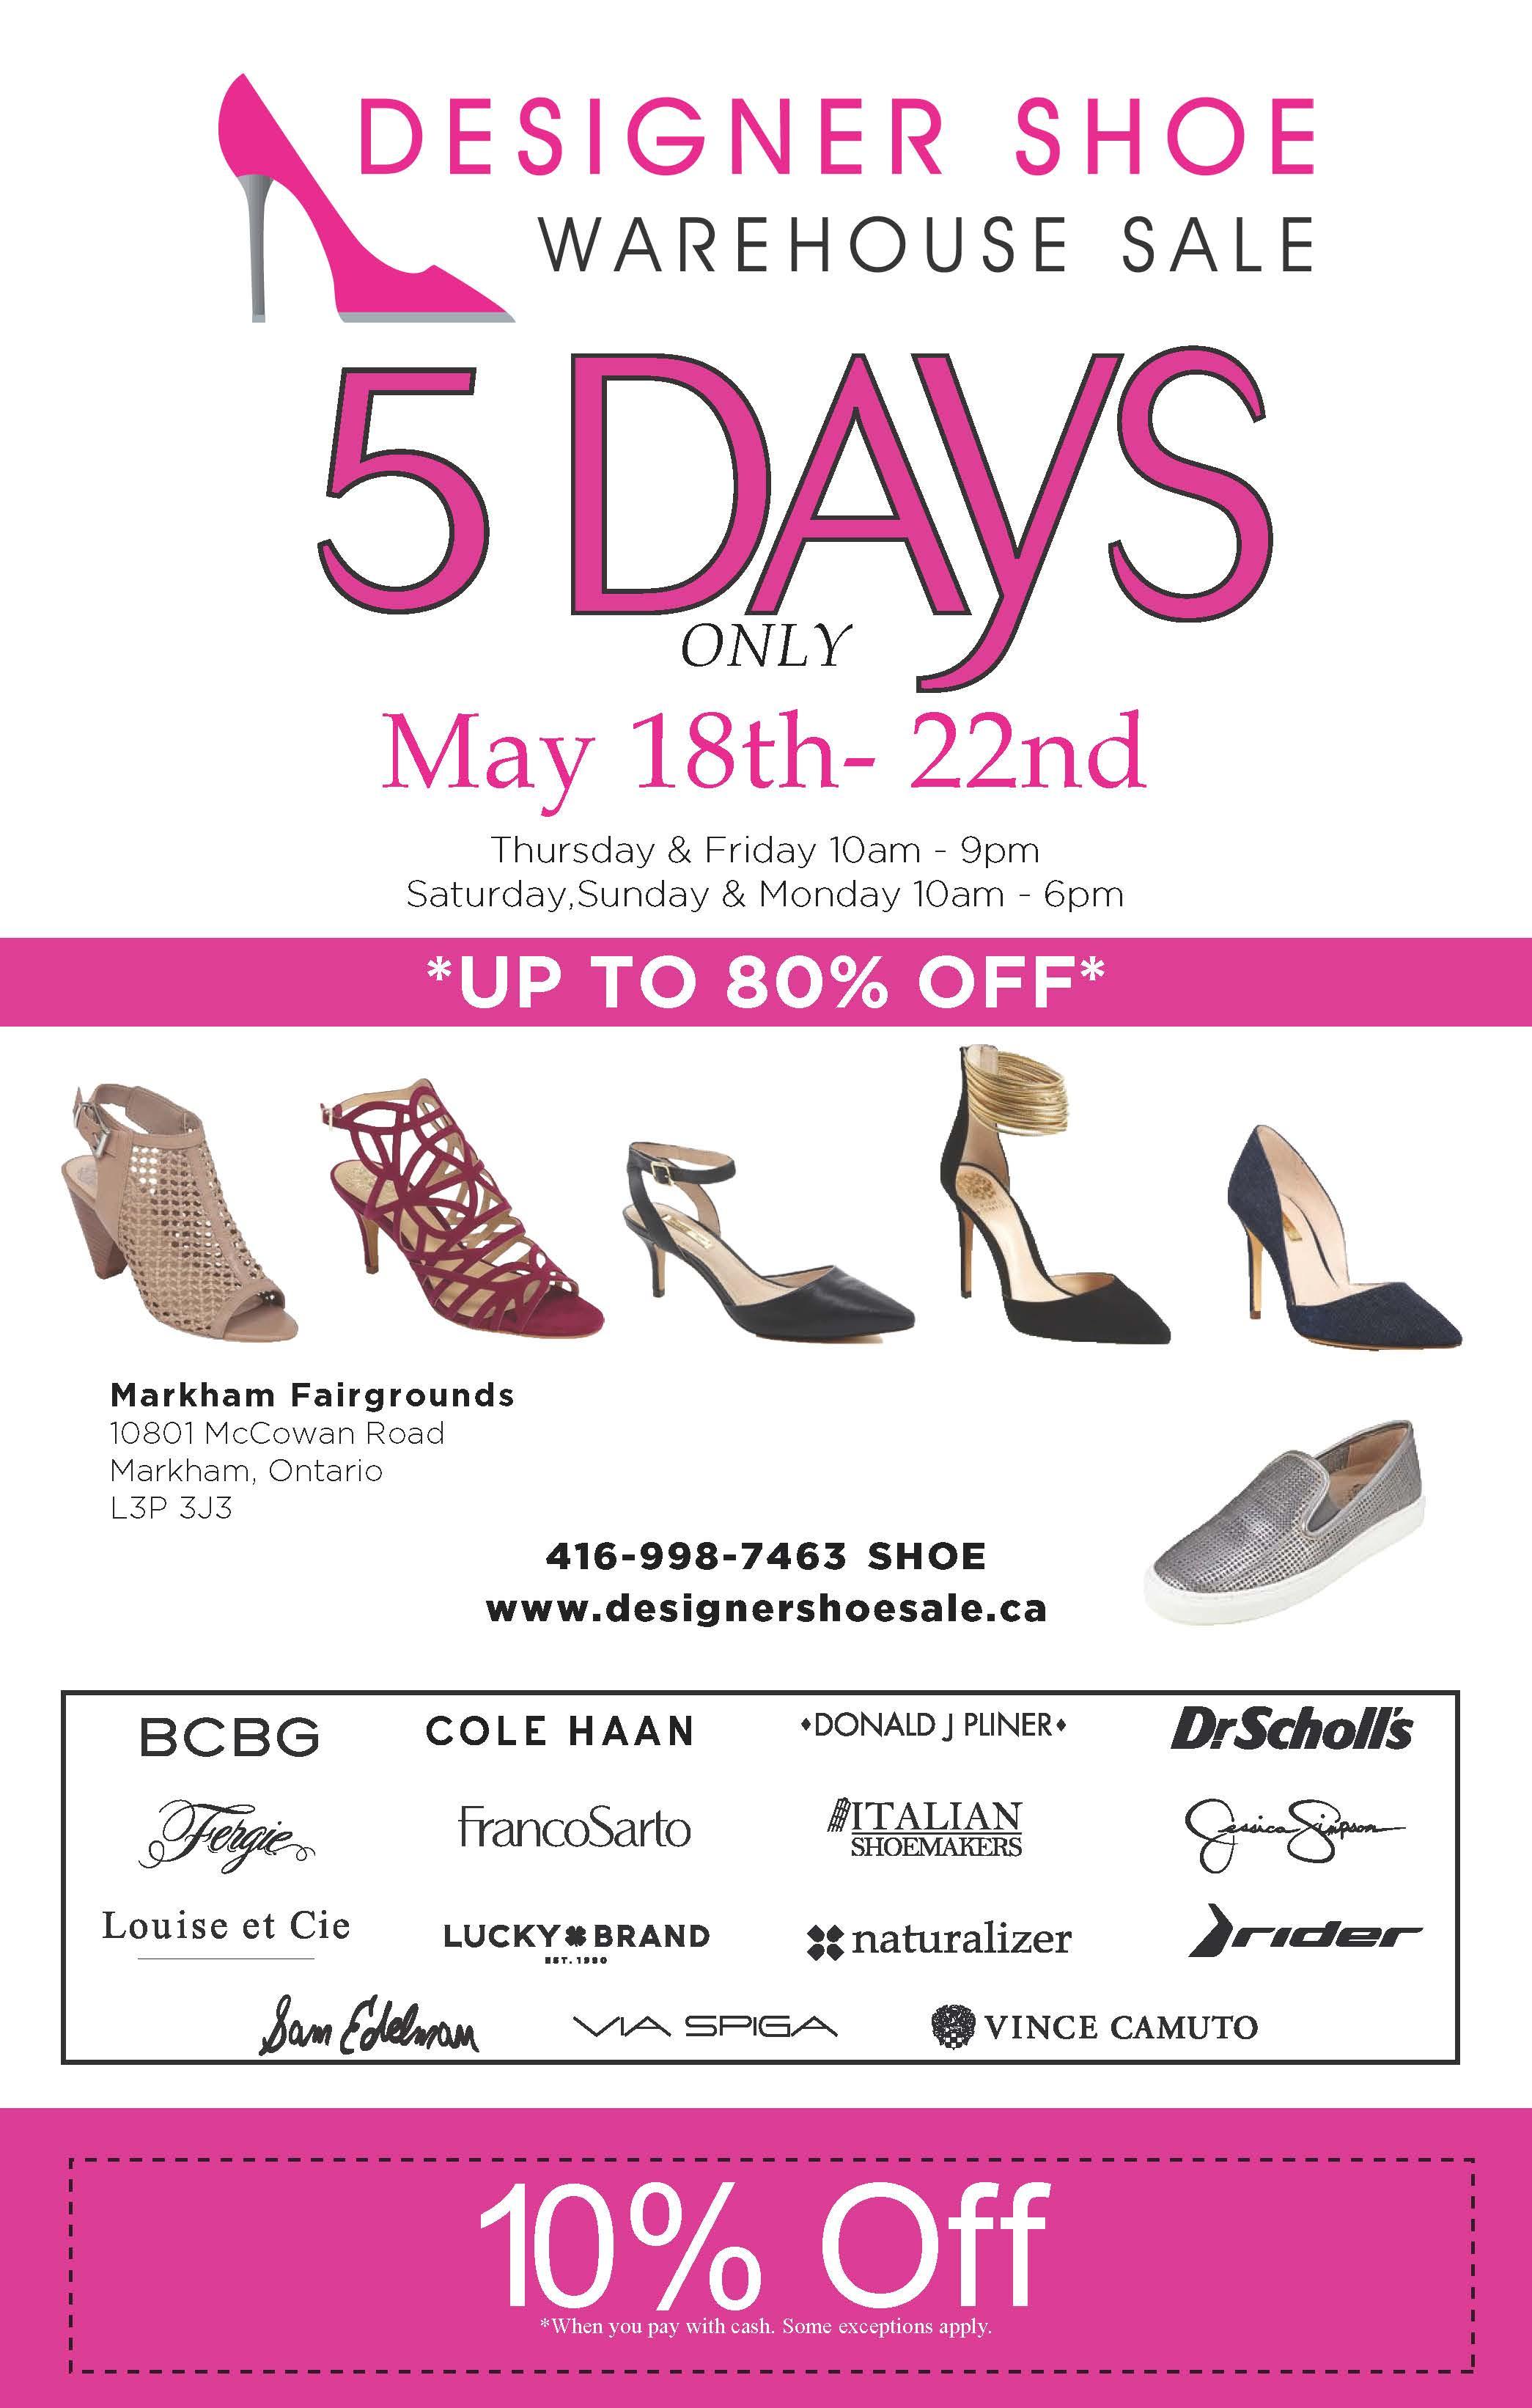 designer shoe warehouse sale markham